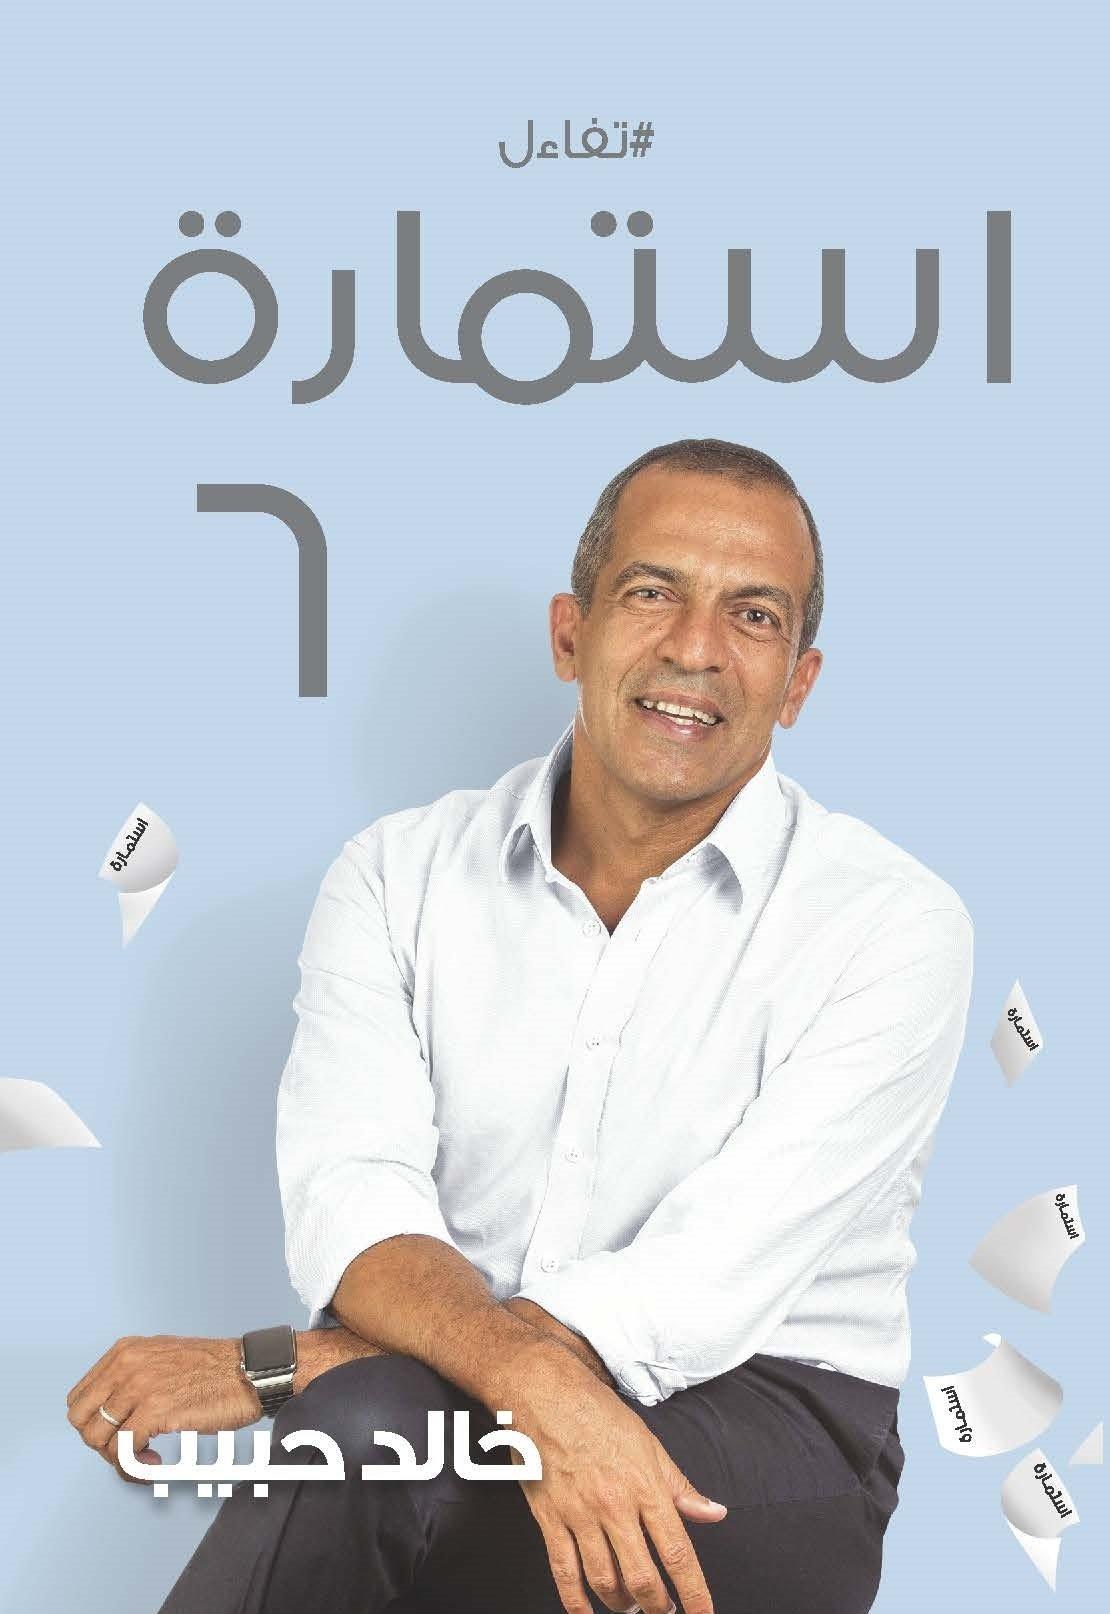 إستمارة 6 (Arabic Edition) (Hindi Edition) ebook